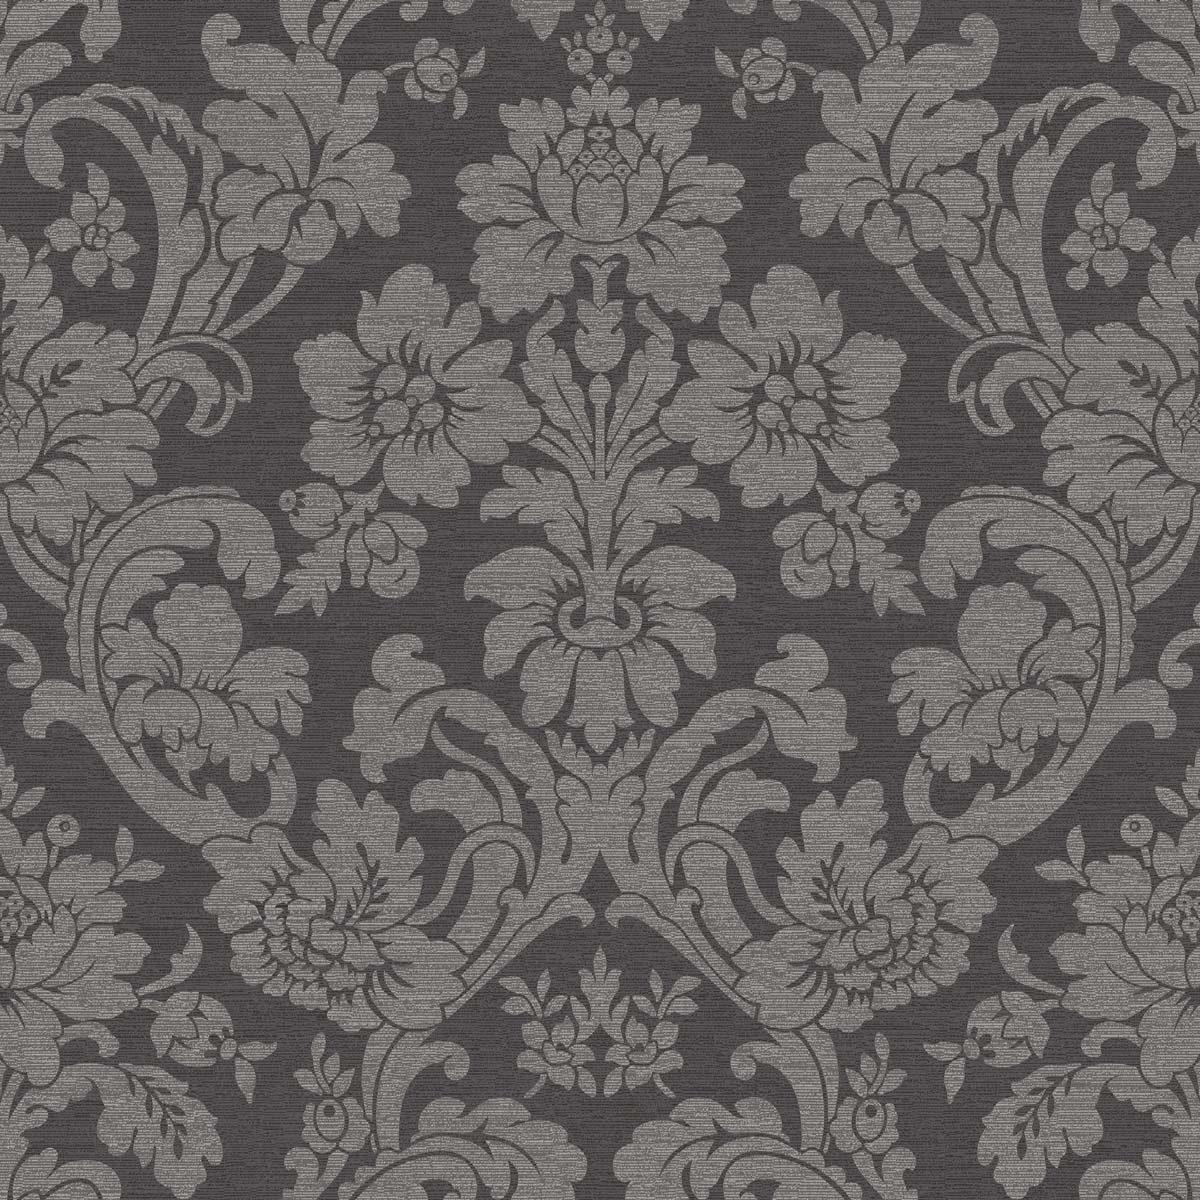 savile-row-wallpaper-VERMILLION-SR00537